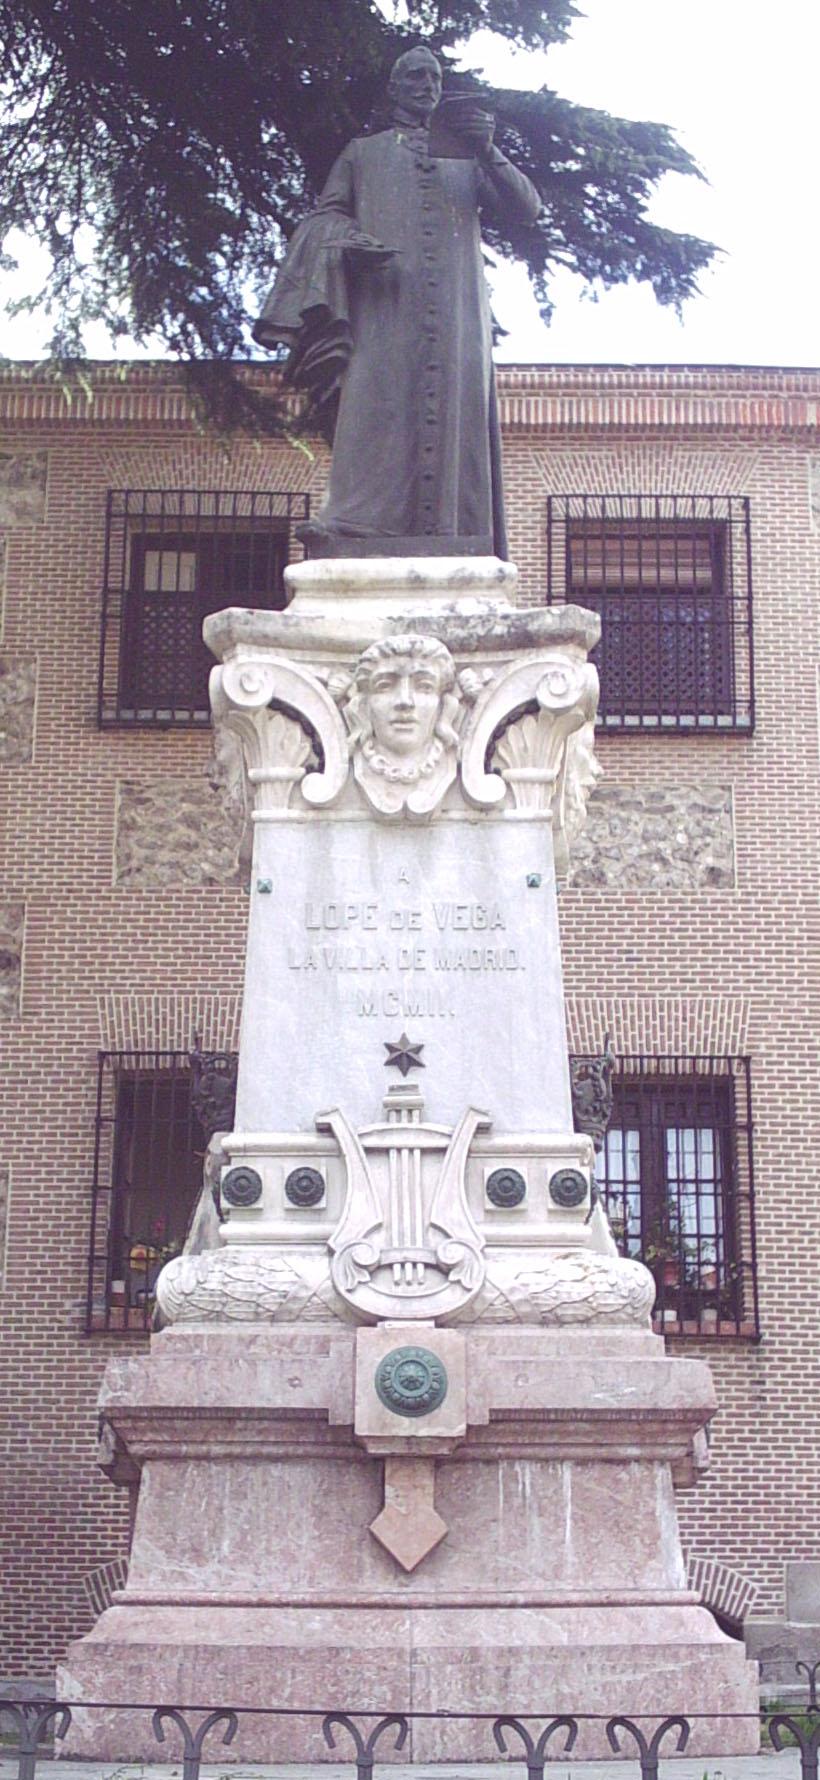 Monumento a Lope, tocado con sotana, en Madrid (J. López Sallaberry y M. Inurria, 1902).